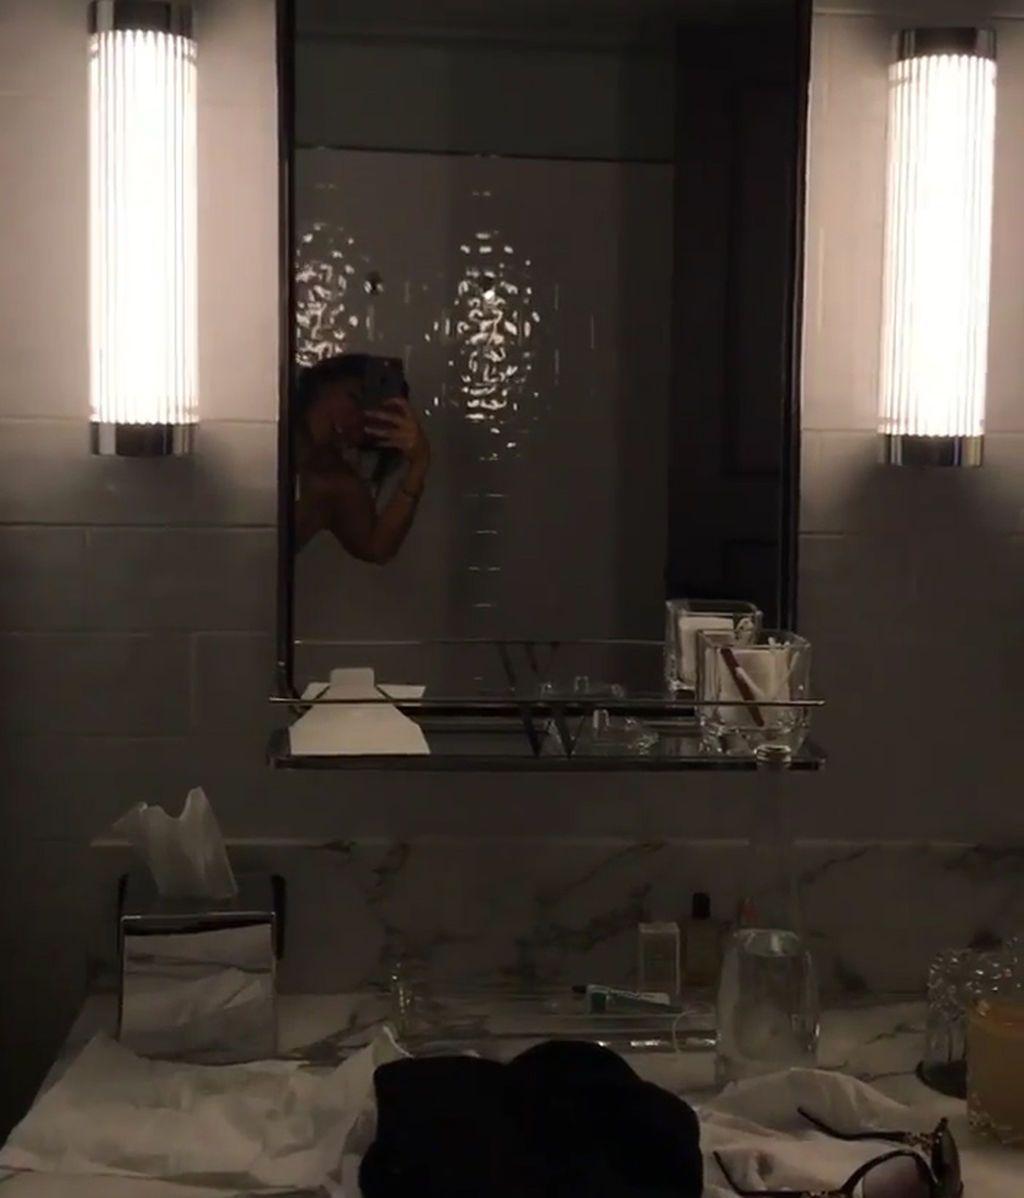 Aida Nizar Desnuda aída nízar 'gh' se graba desnuda en la ducha - outdoor